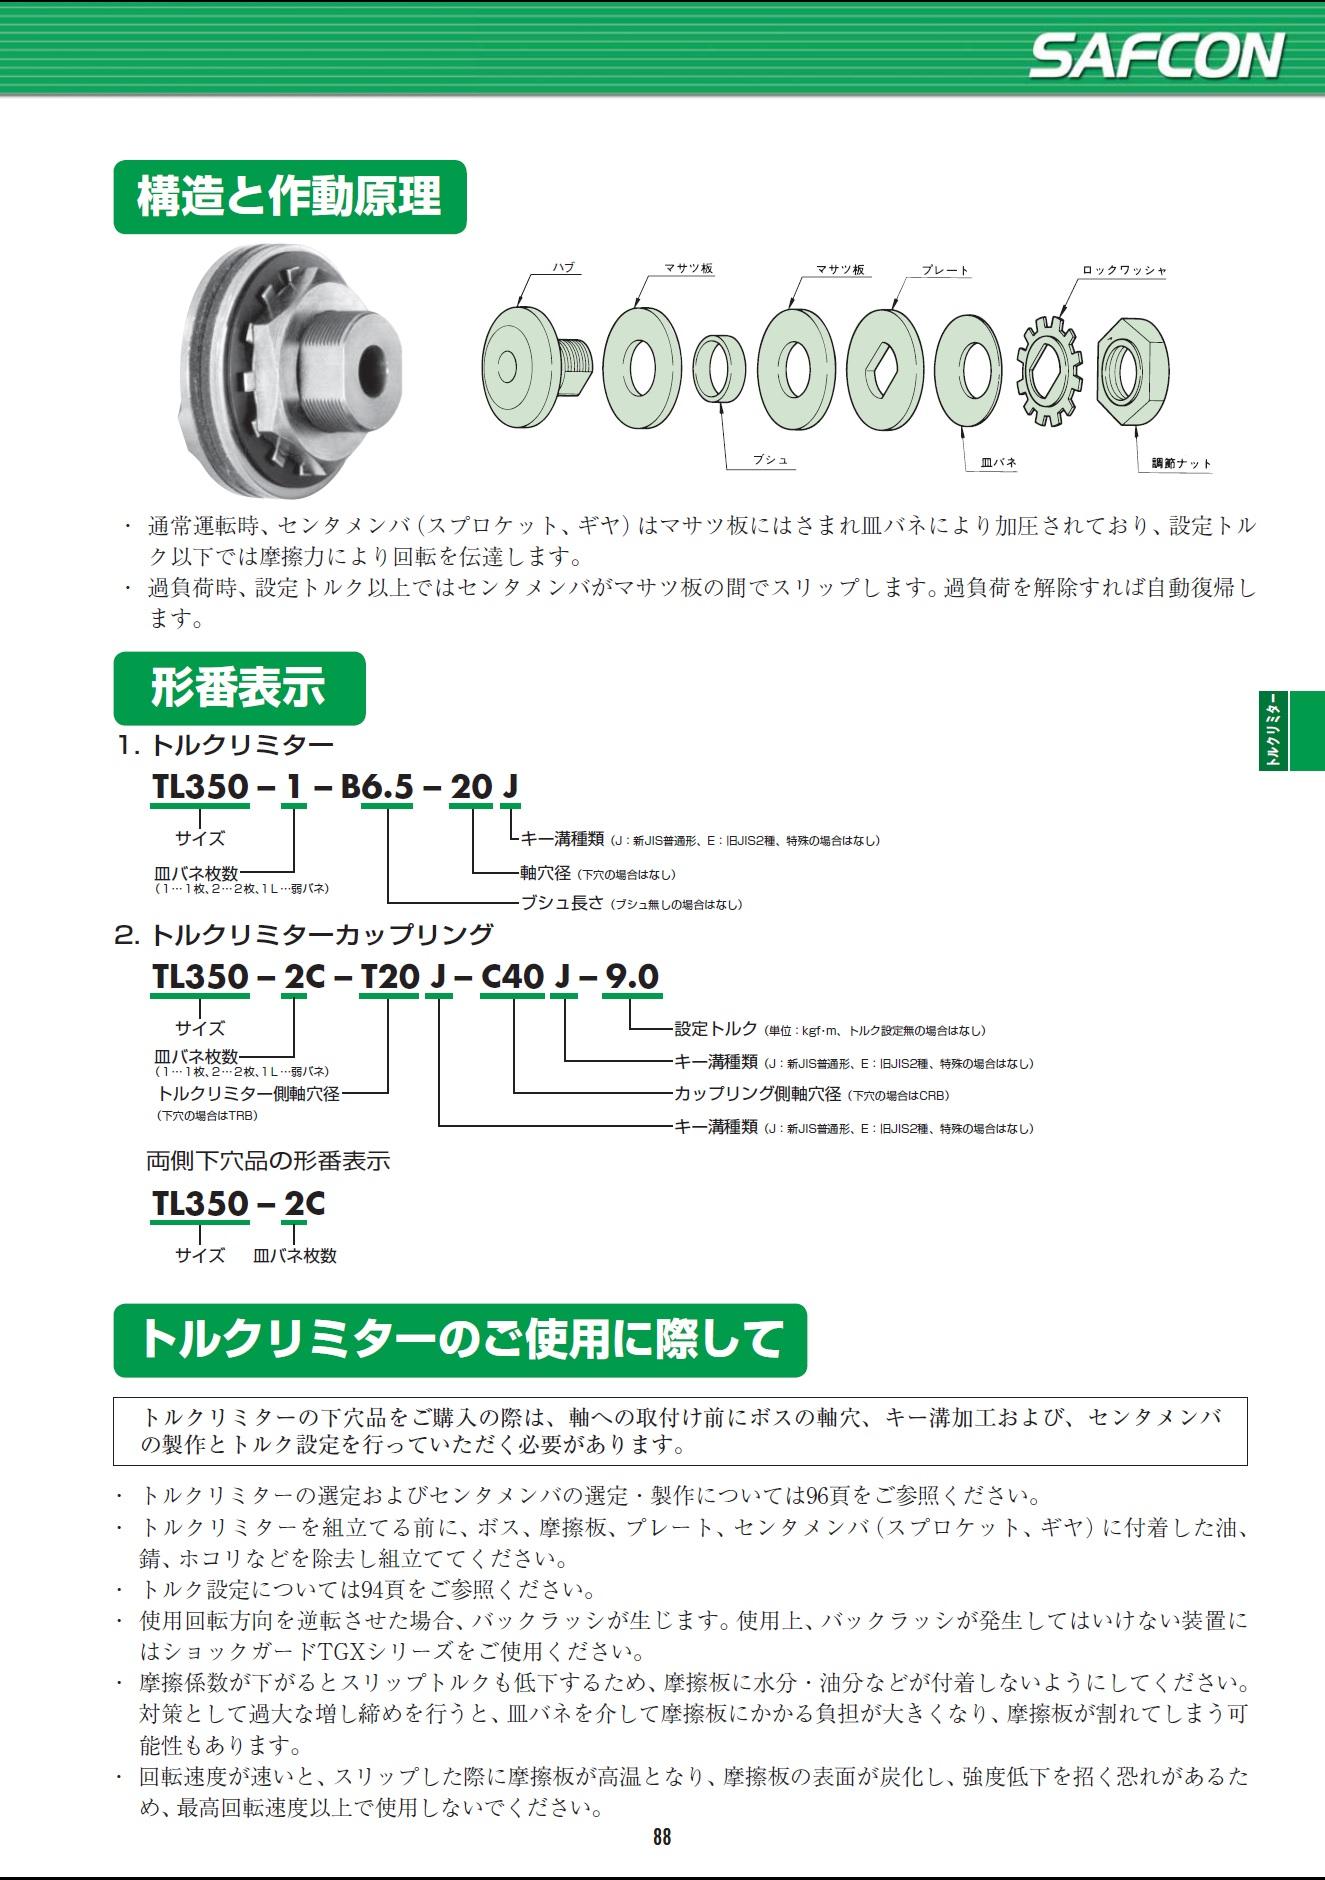 椿本摩擦式扭力限制器規格.jpg